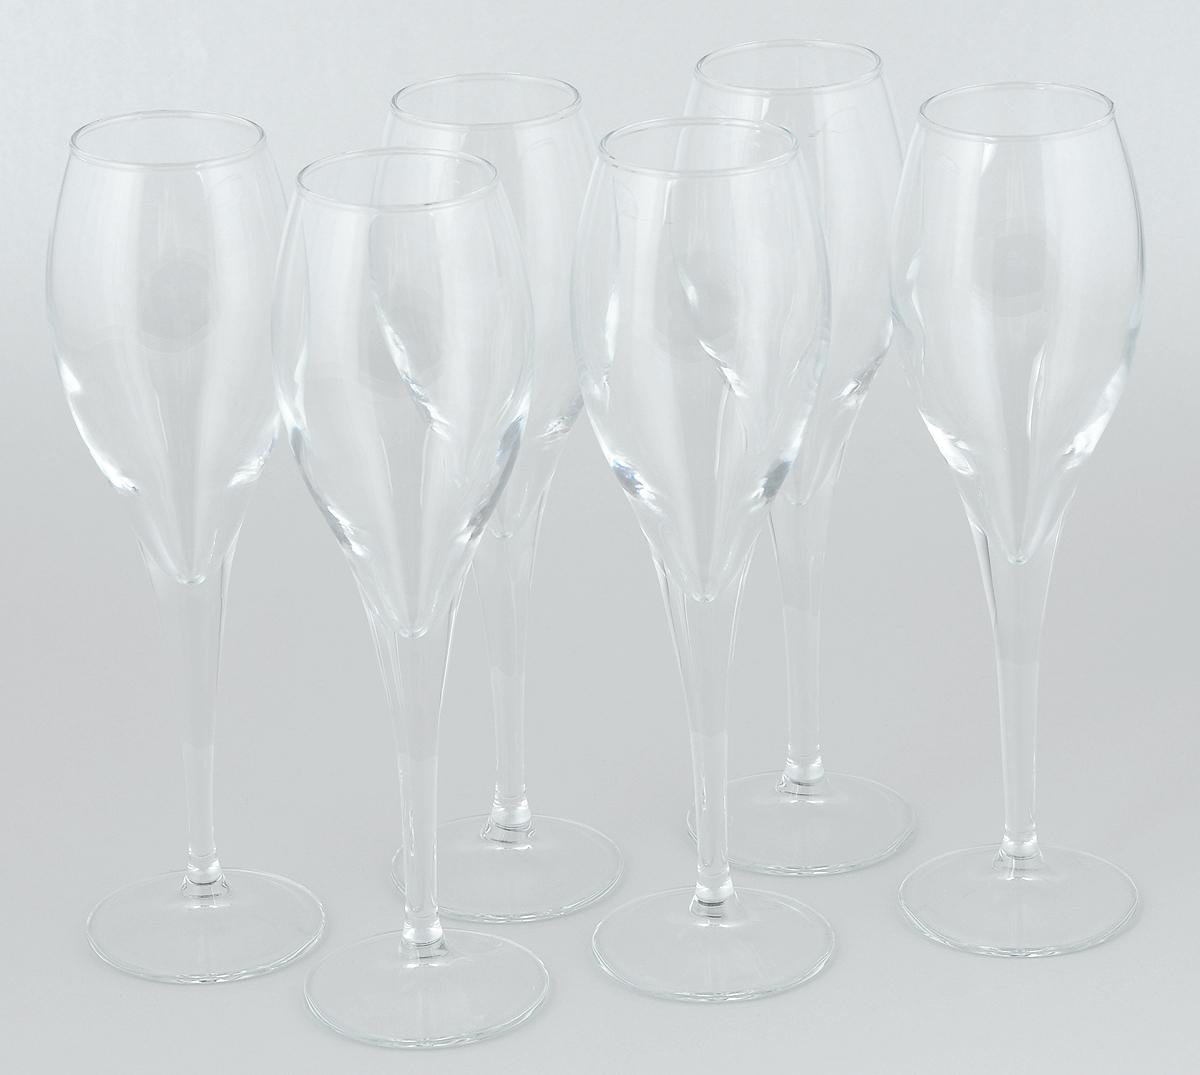 Набор бокалов Pasabahce Monte Carlo, 195 мл, 6 шт440090BНабор Pasabahce Monte Carlo состоит из шести бокалов, выполненных из прочного натрий-кальций-силикатного стекла. Изделия оснащены высокими ножками и предназначены для подачи вина, а также шампанского. Они сочетают в себе элегантный дизайн и функциональность. Набор бокалов Pasabahce Monte Carlo прекрасно оформит праздничный стол и создаст приятную атмосферу за романтическим ужином. Такой набор также станет хорошим подарком к любому случаю.Высота бокала: 21,3 см.